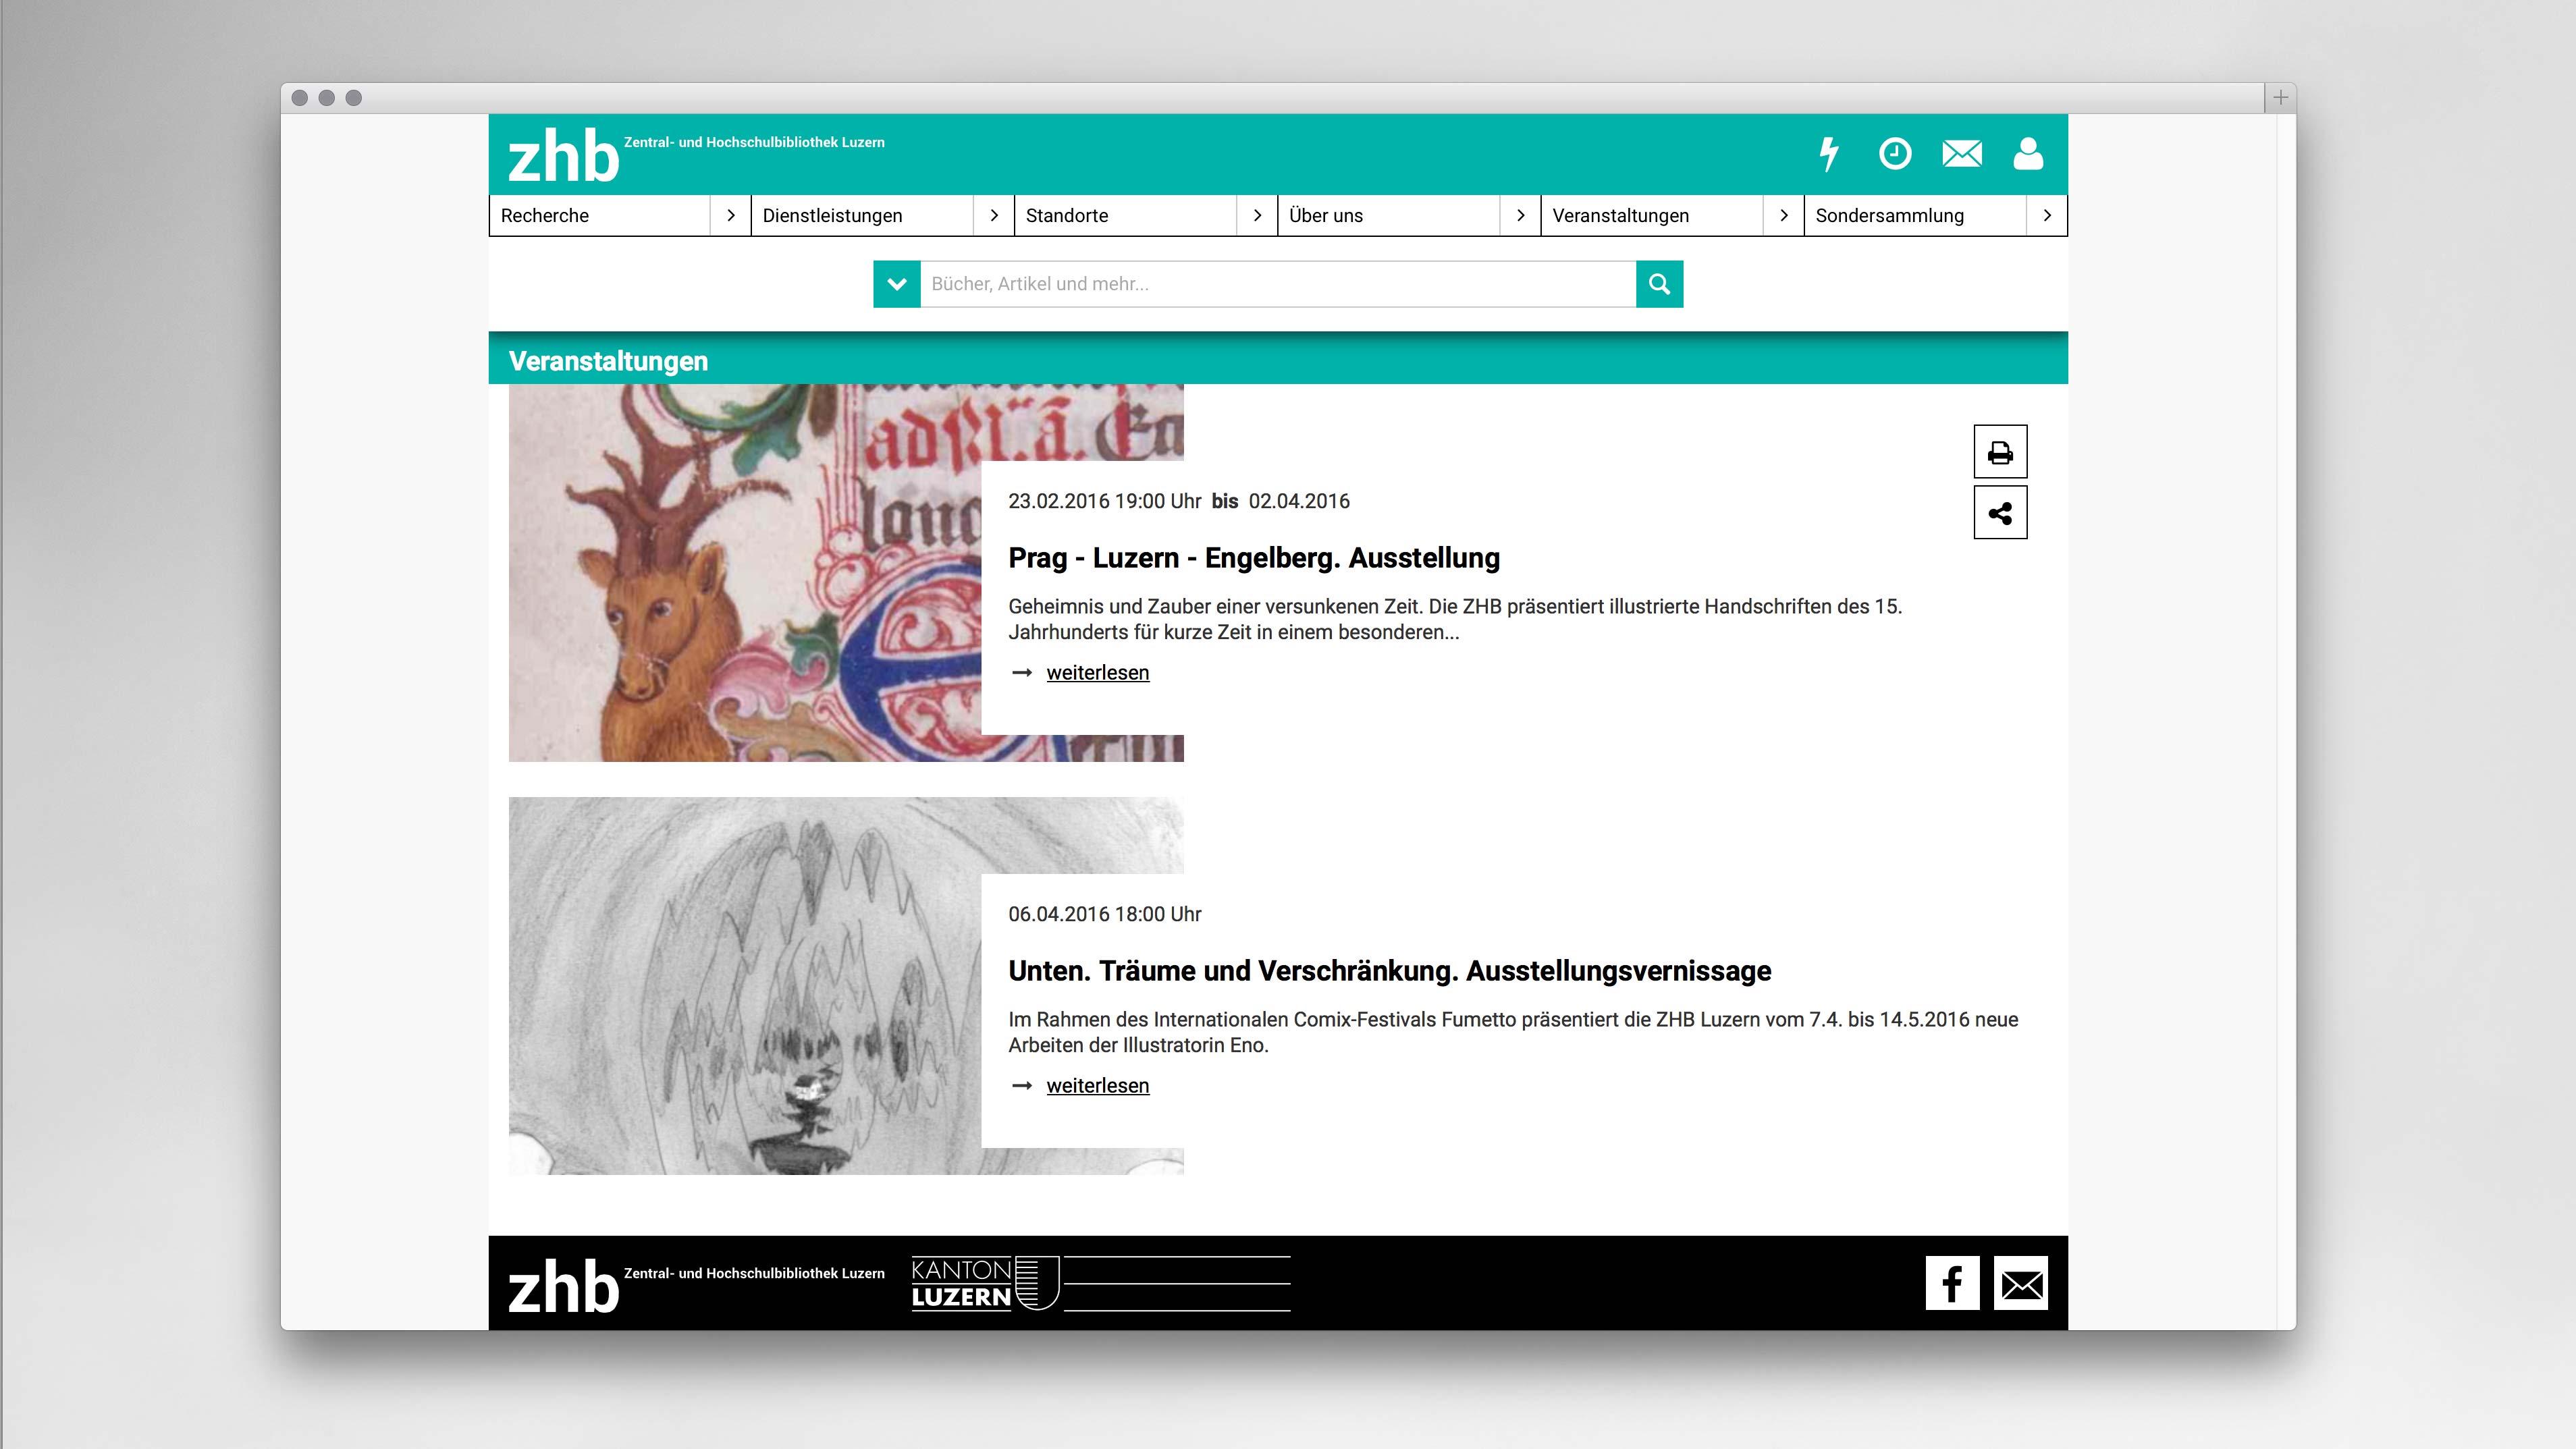 equipe-visuelle-luzern-emmenbruecke-agentur-werbung-grafik-zhb-zentral-und-hochschul-bibliothek-corporate-design-web-design